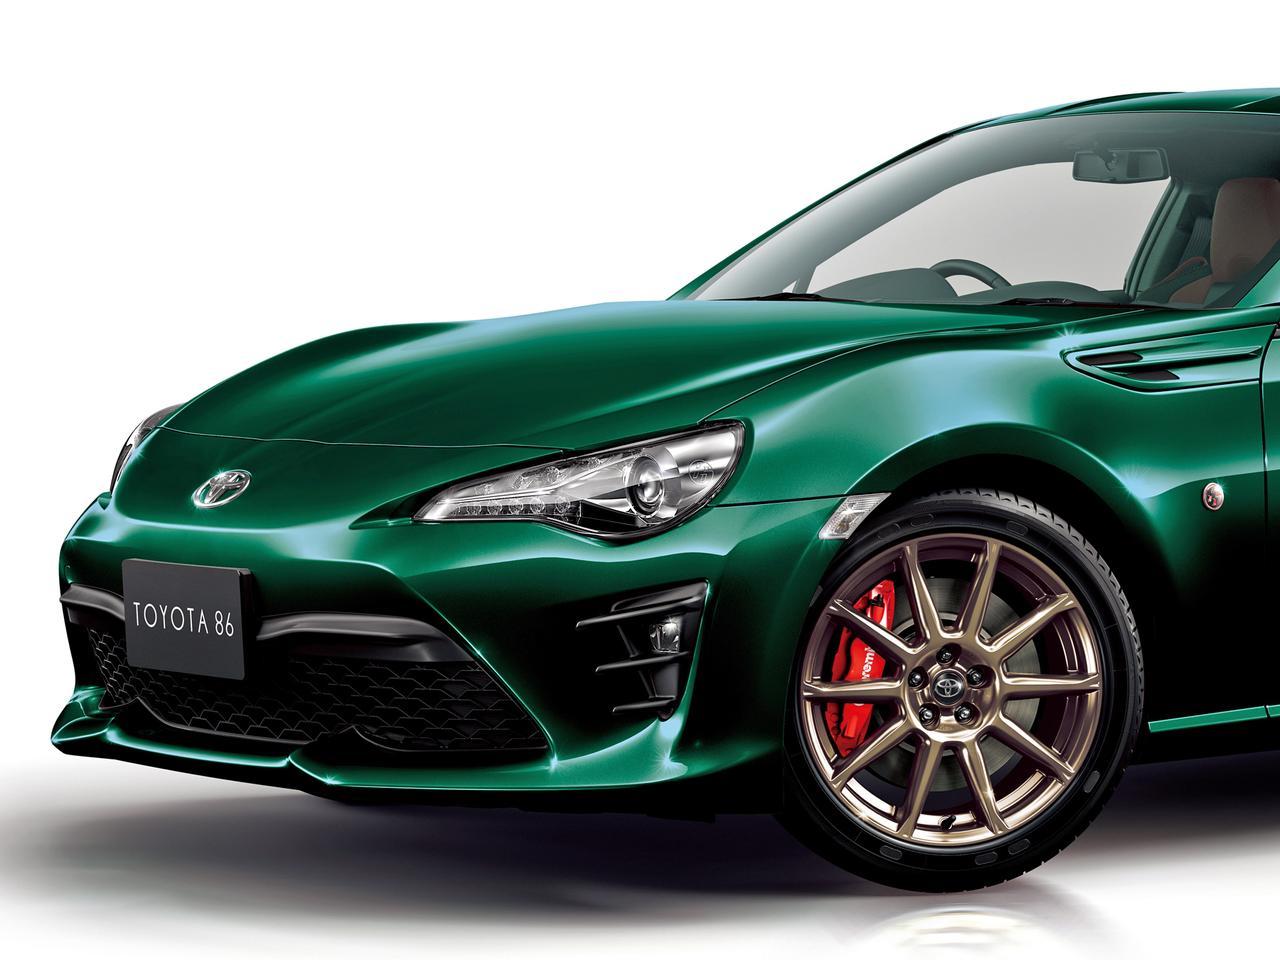 【ニュース】トヨタ 86のグリーンカラー特別仕様車を期間限定で発売